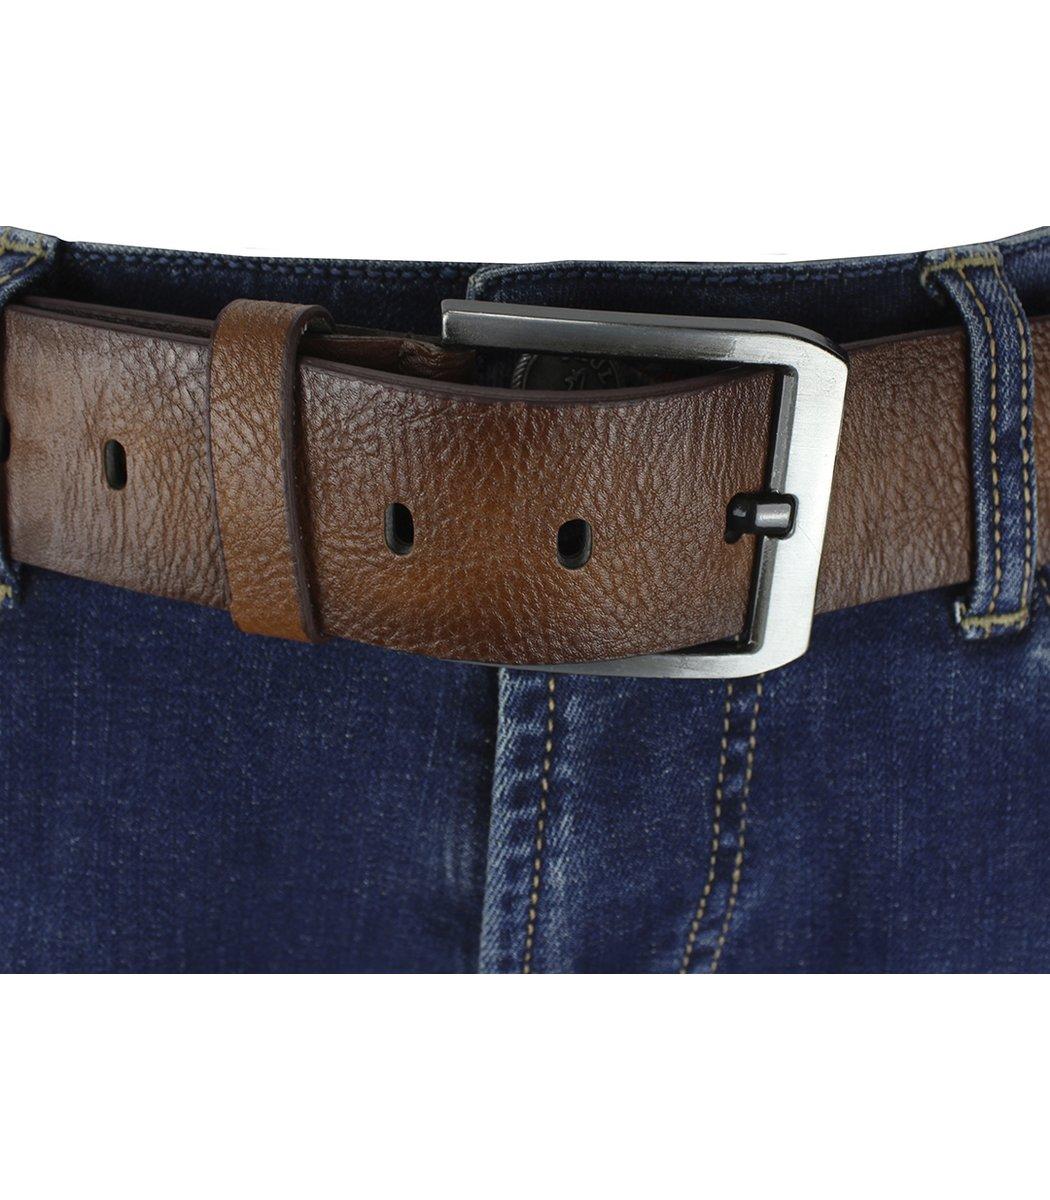 Cиние джинсы Paul&Shark 6816 + коричневый ремень